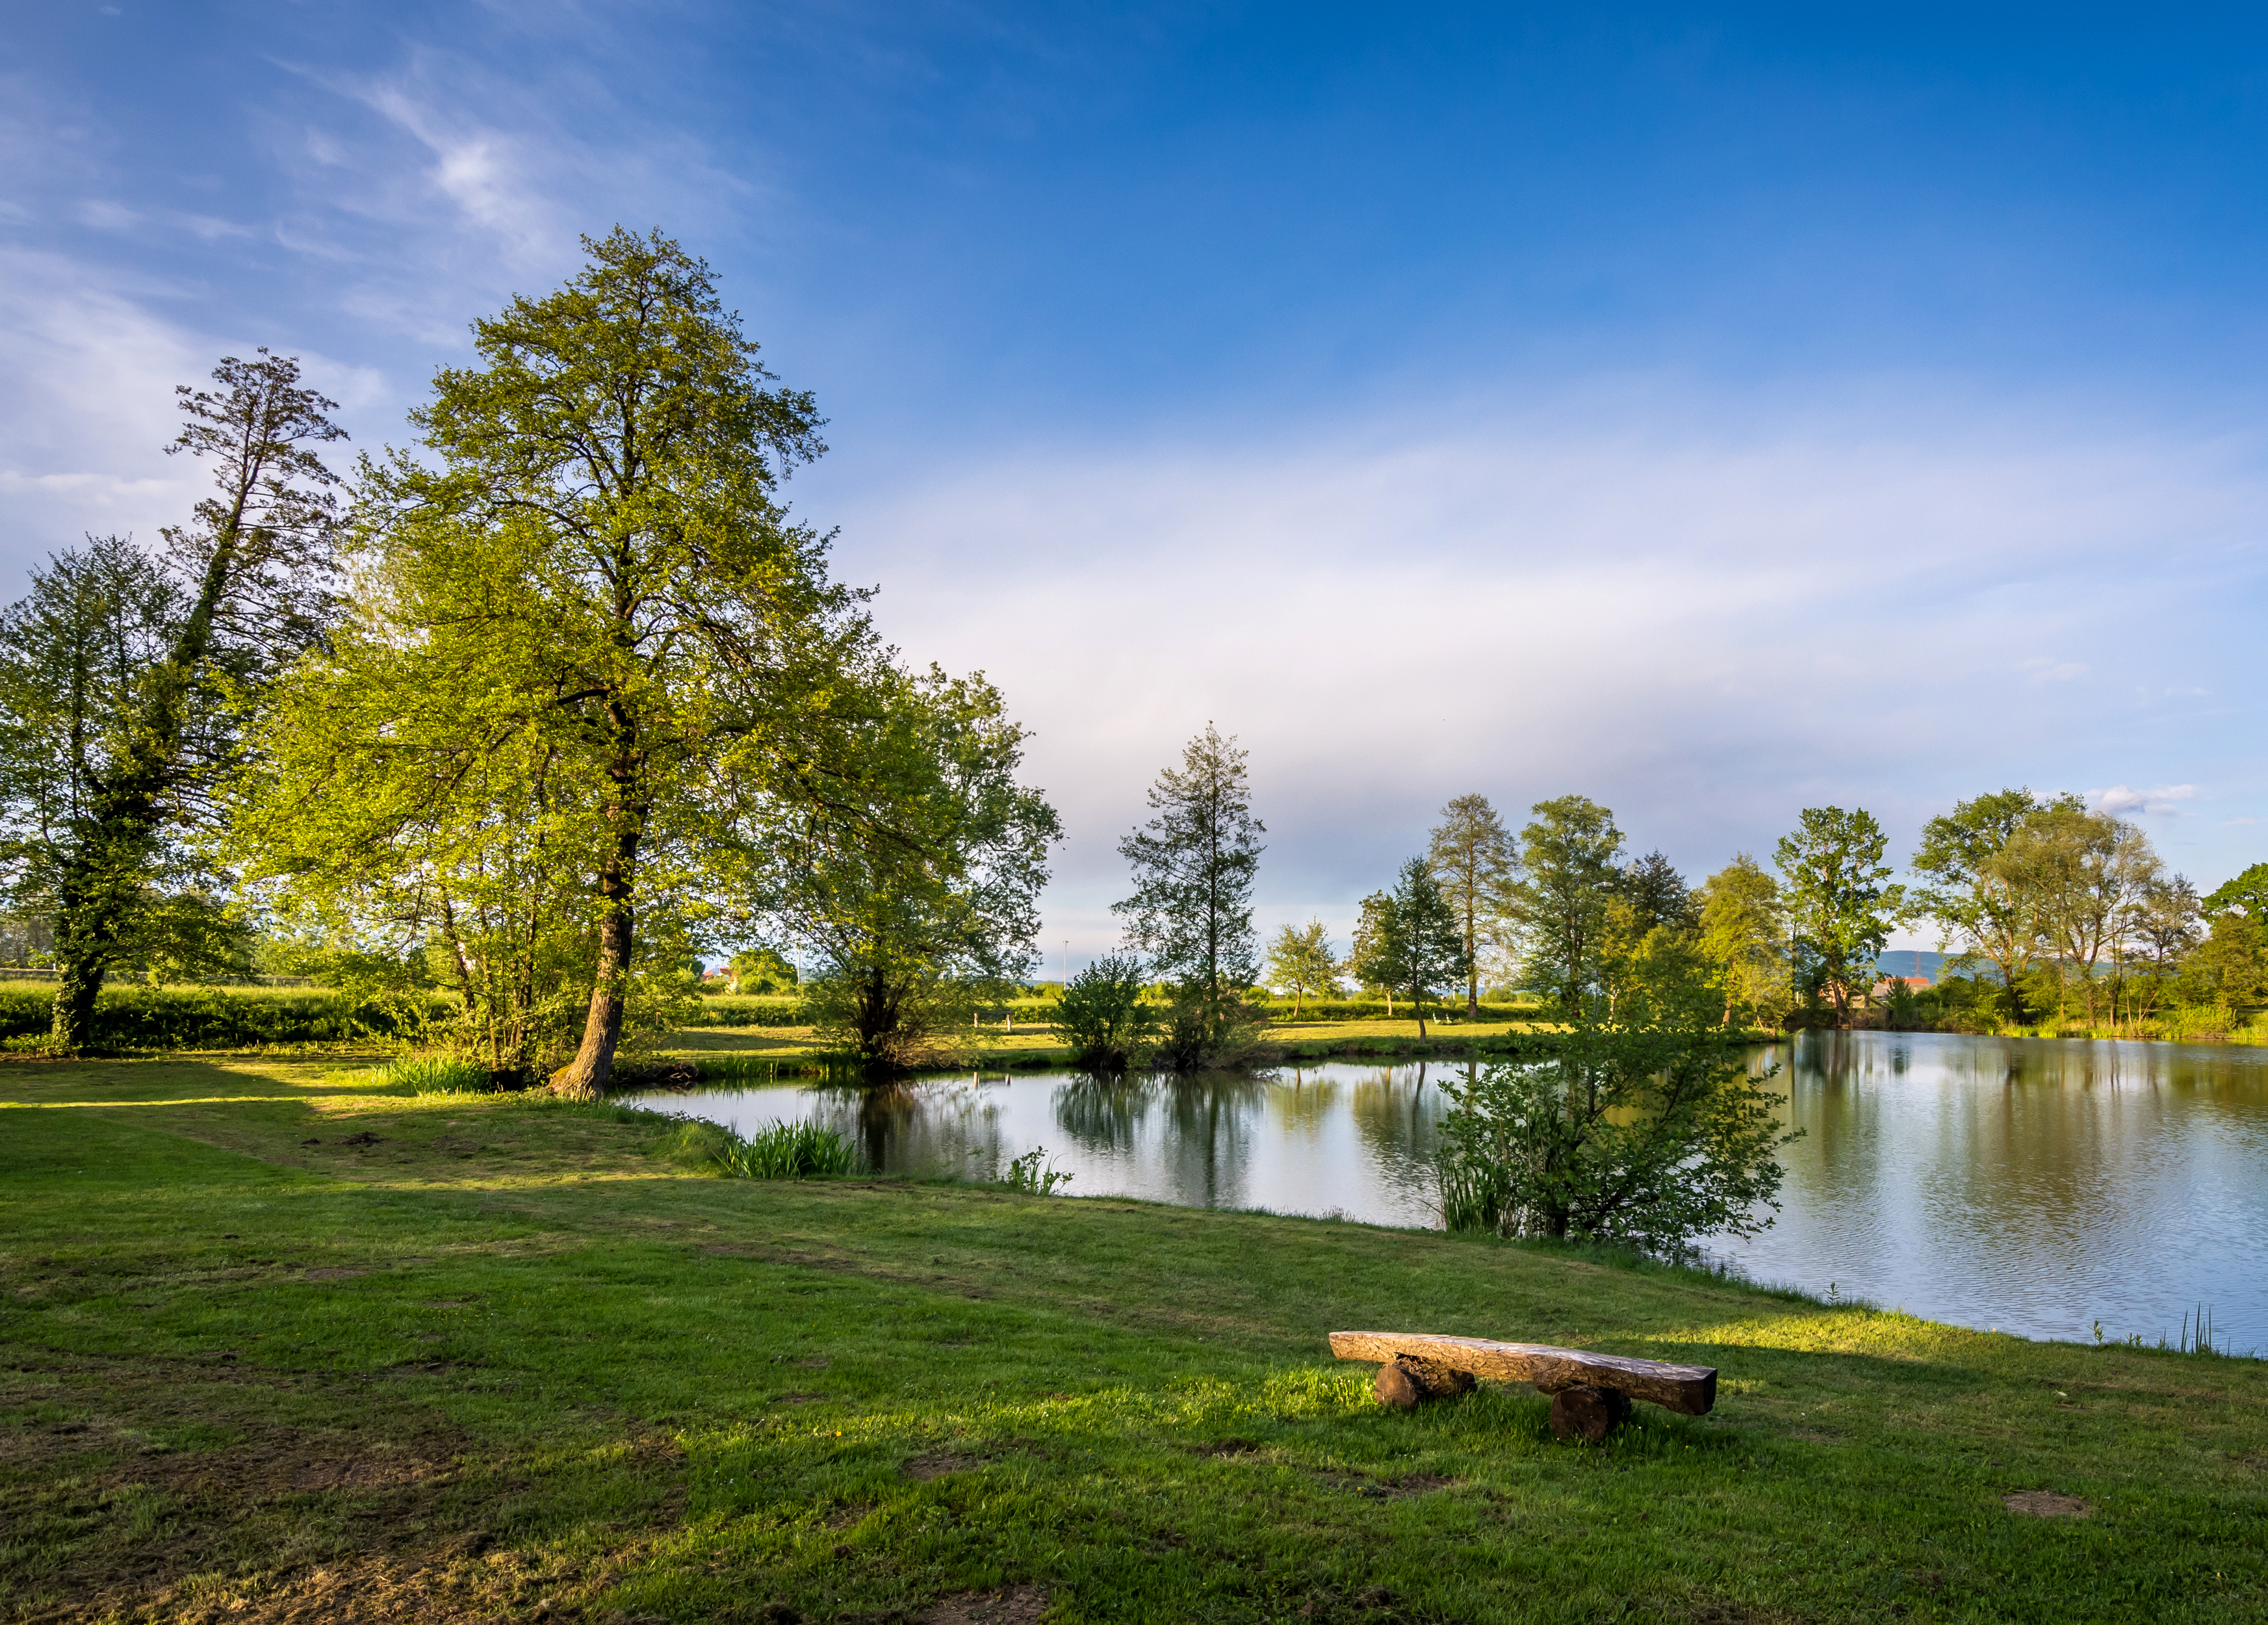 озеро зелень лето загрузить